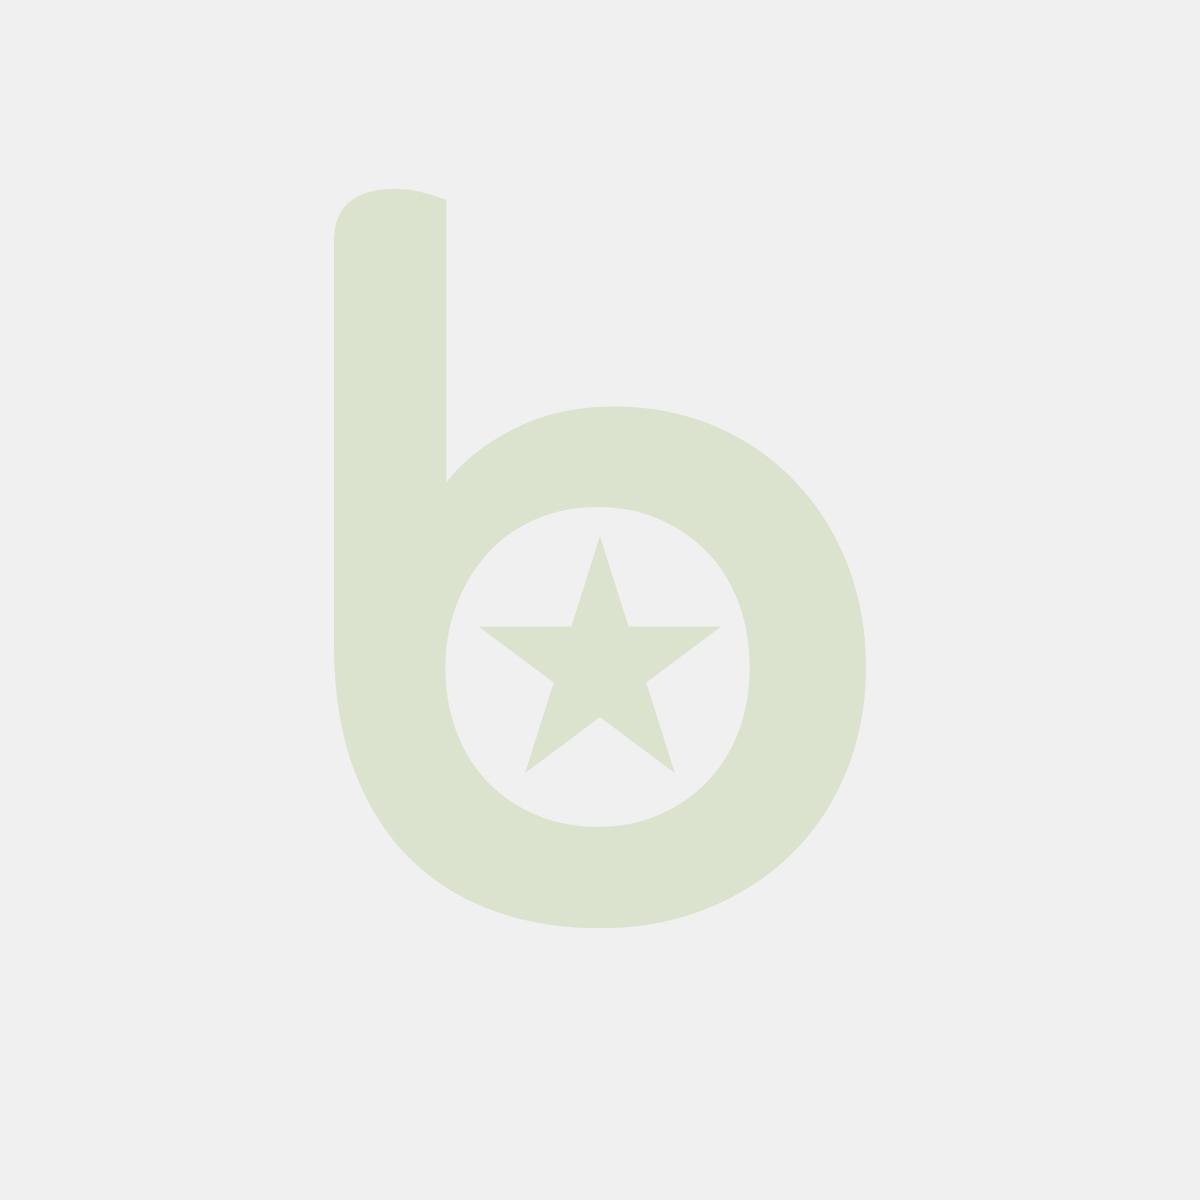 Kartridże 852 SCHNEIDER 852 do piór kulkowych, M, 5 szt., niebieski